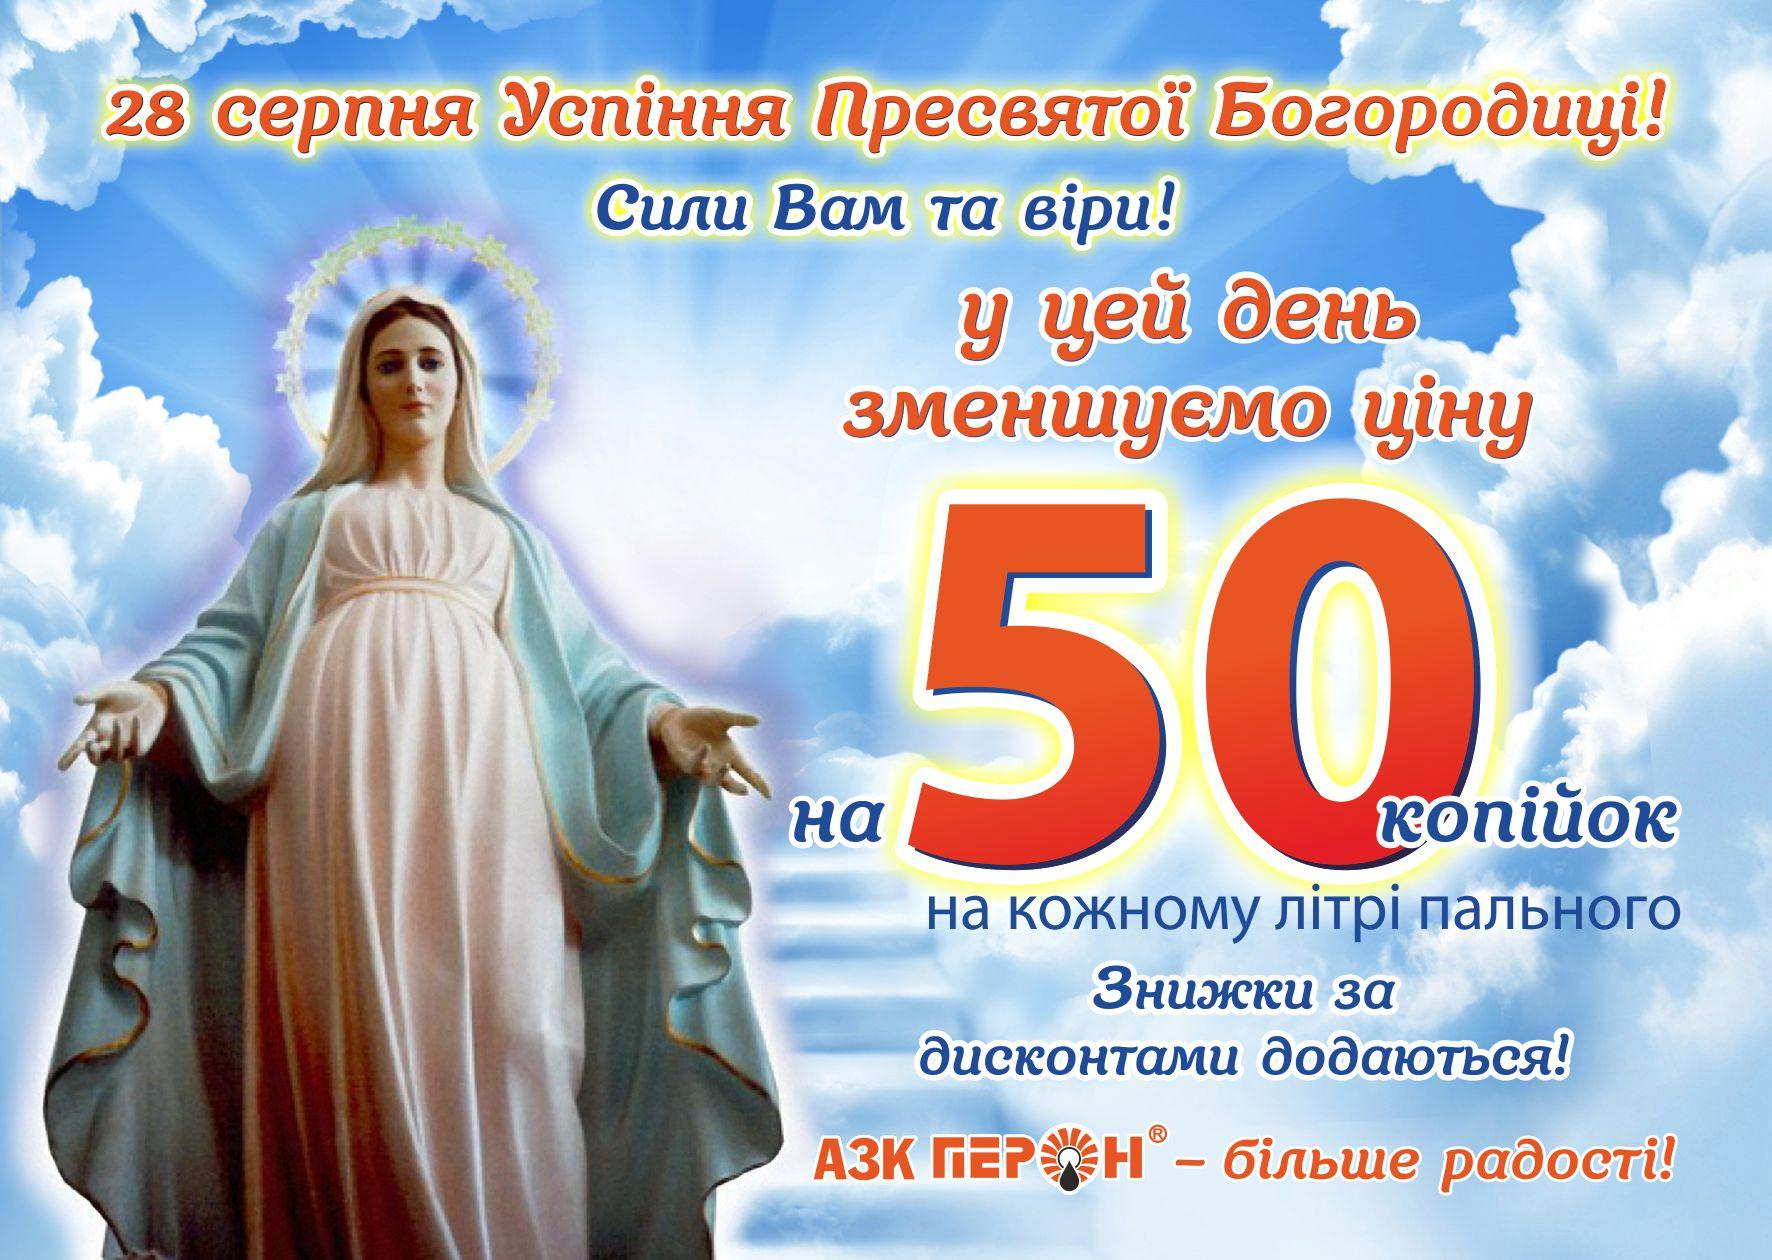 28 августа Успения Пресвятой Богородицы!